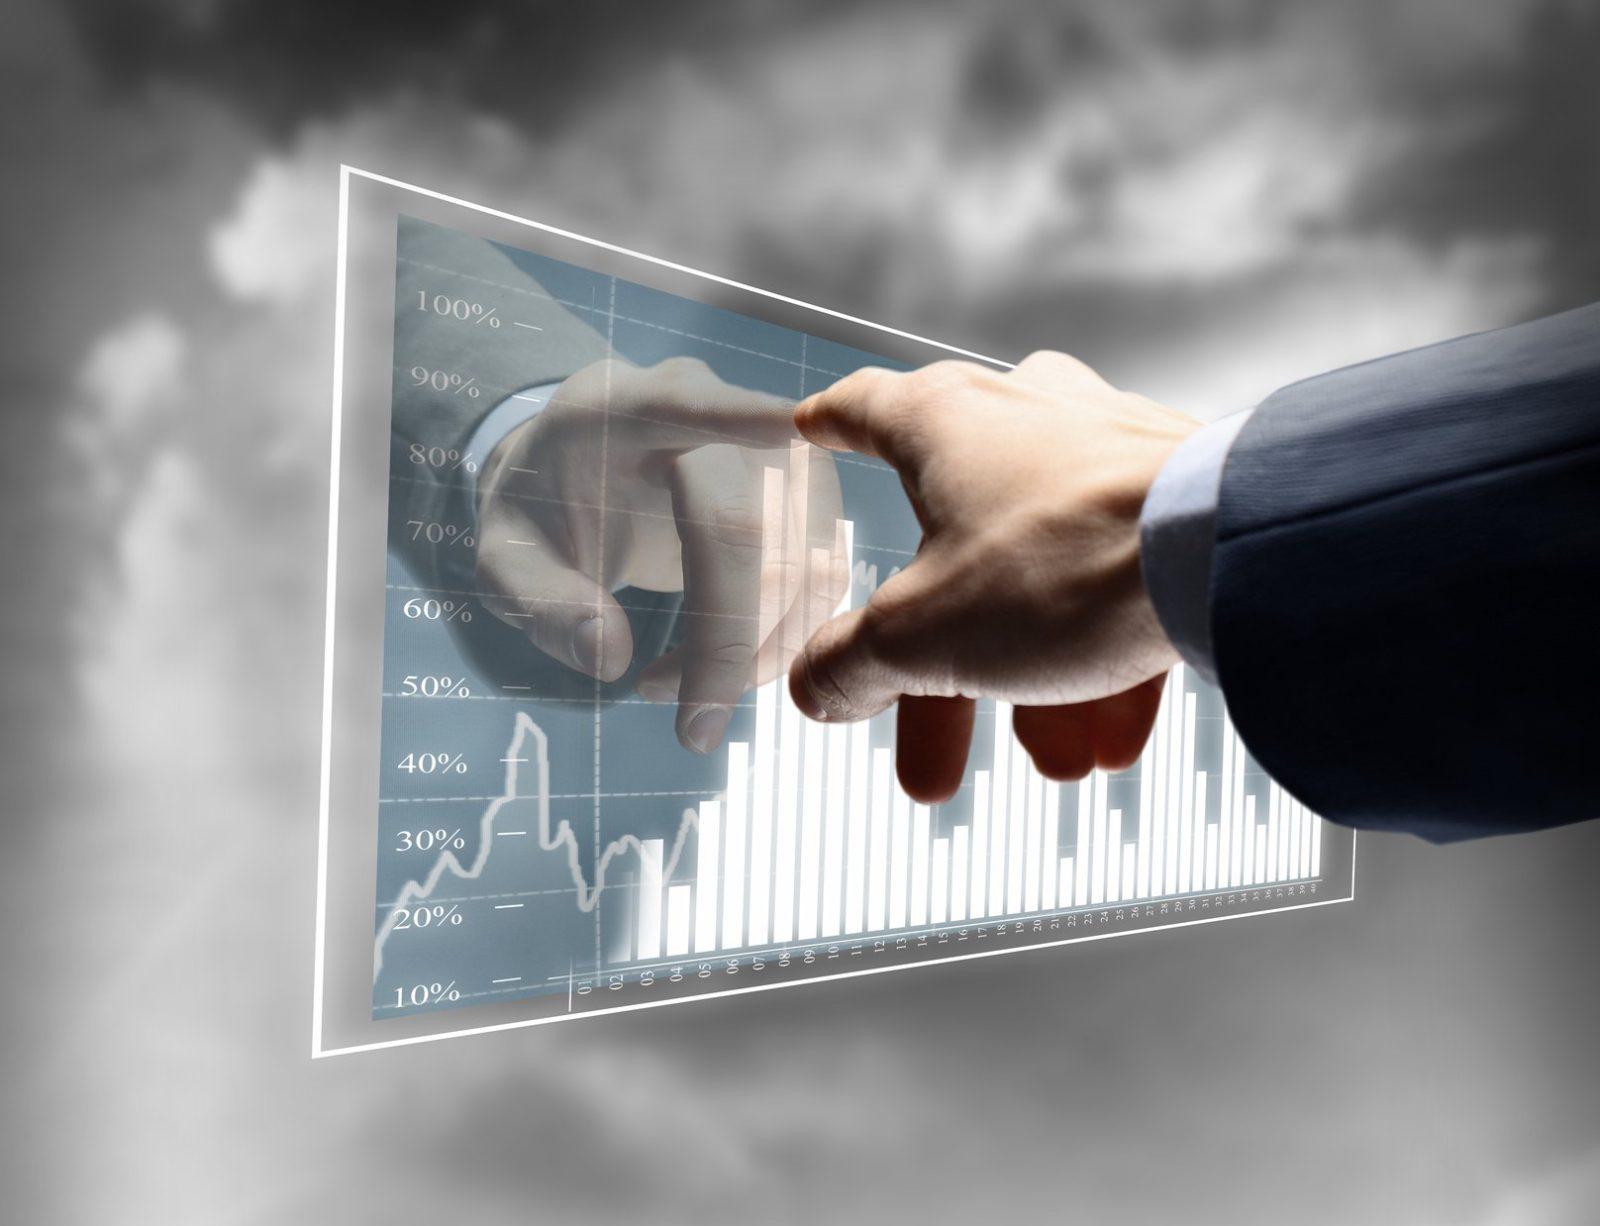 Ликвидация фирм-без риска для учредителей и руководящего состава